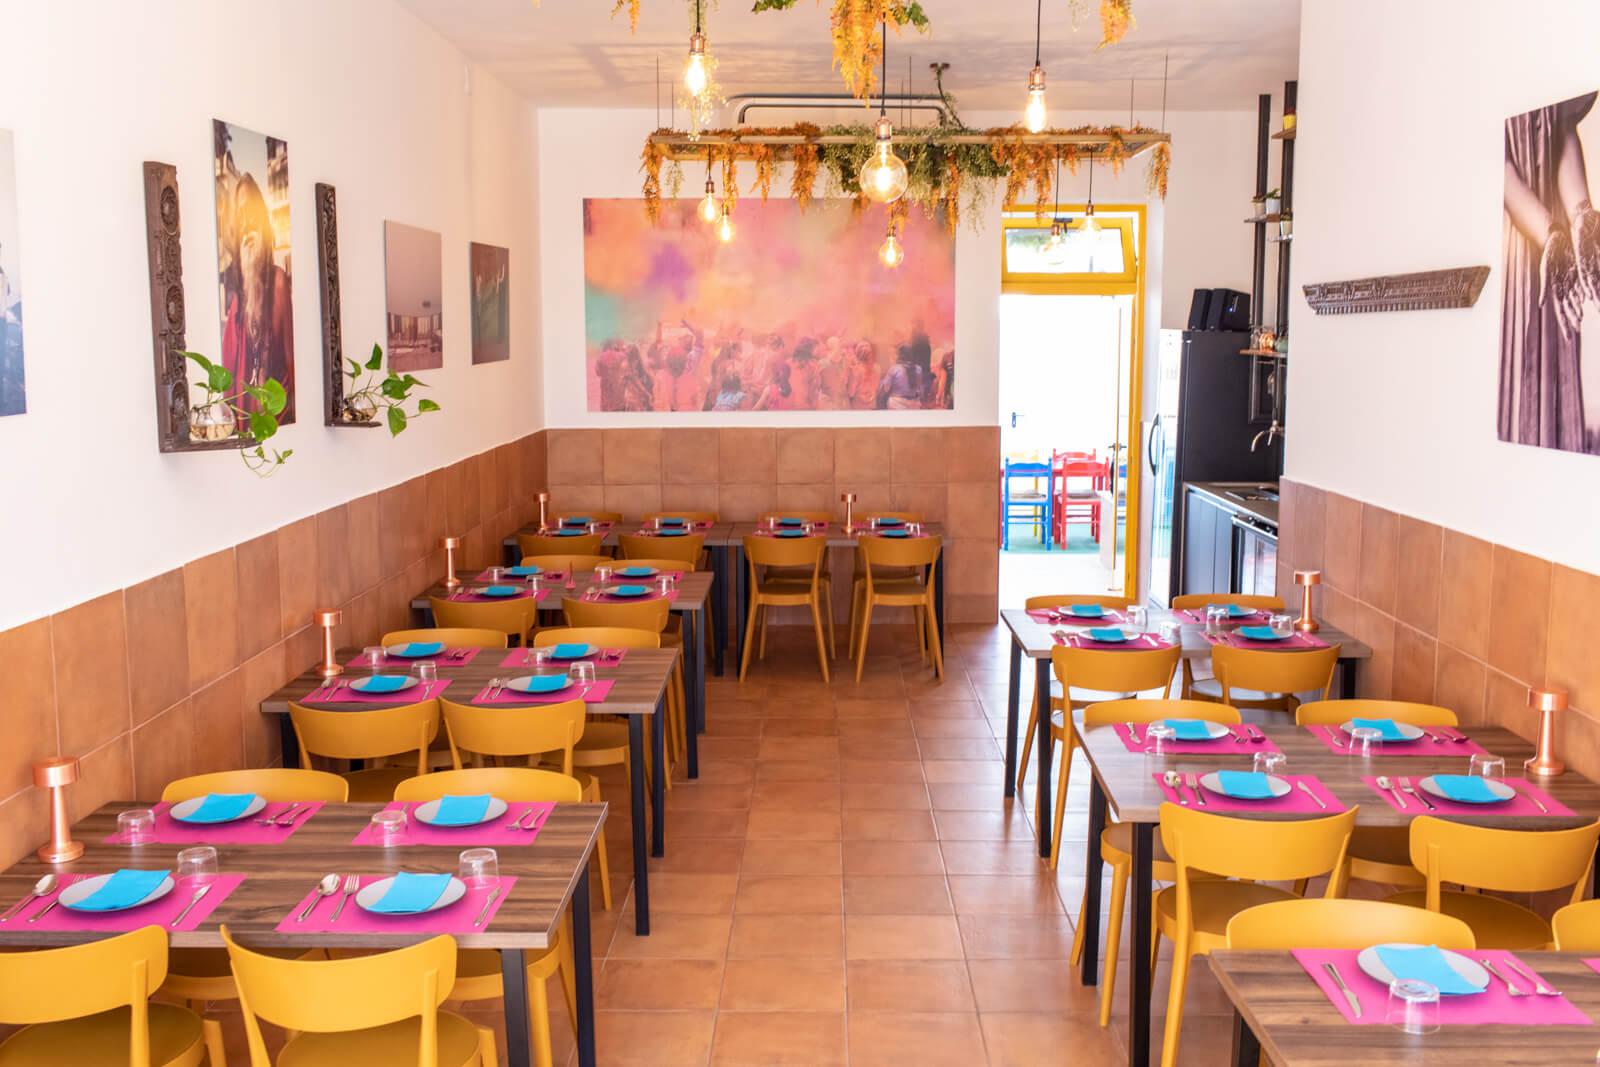 Roti - El primer restaurante indio de Mataró